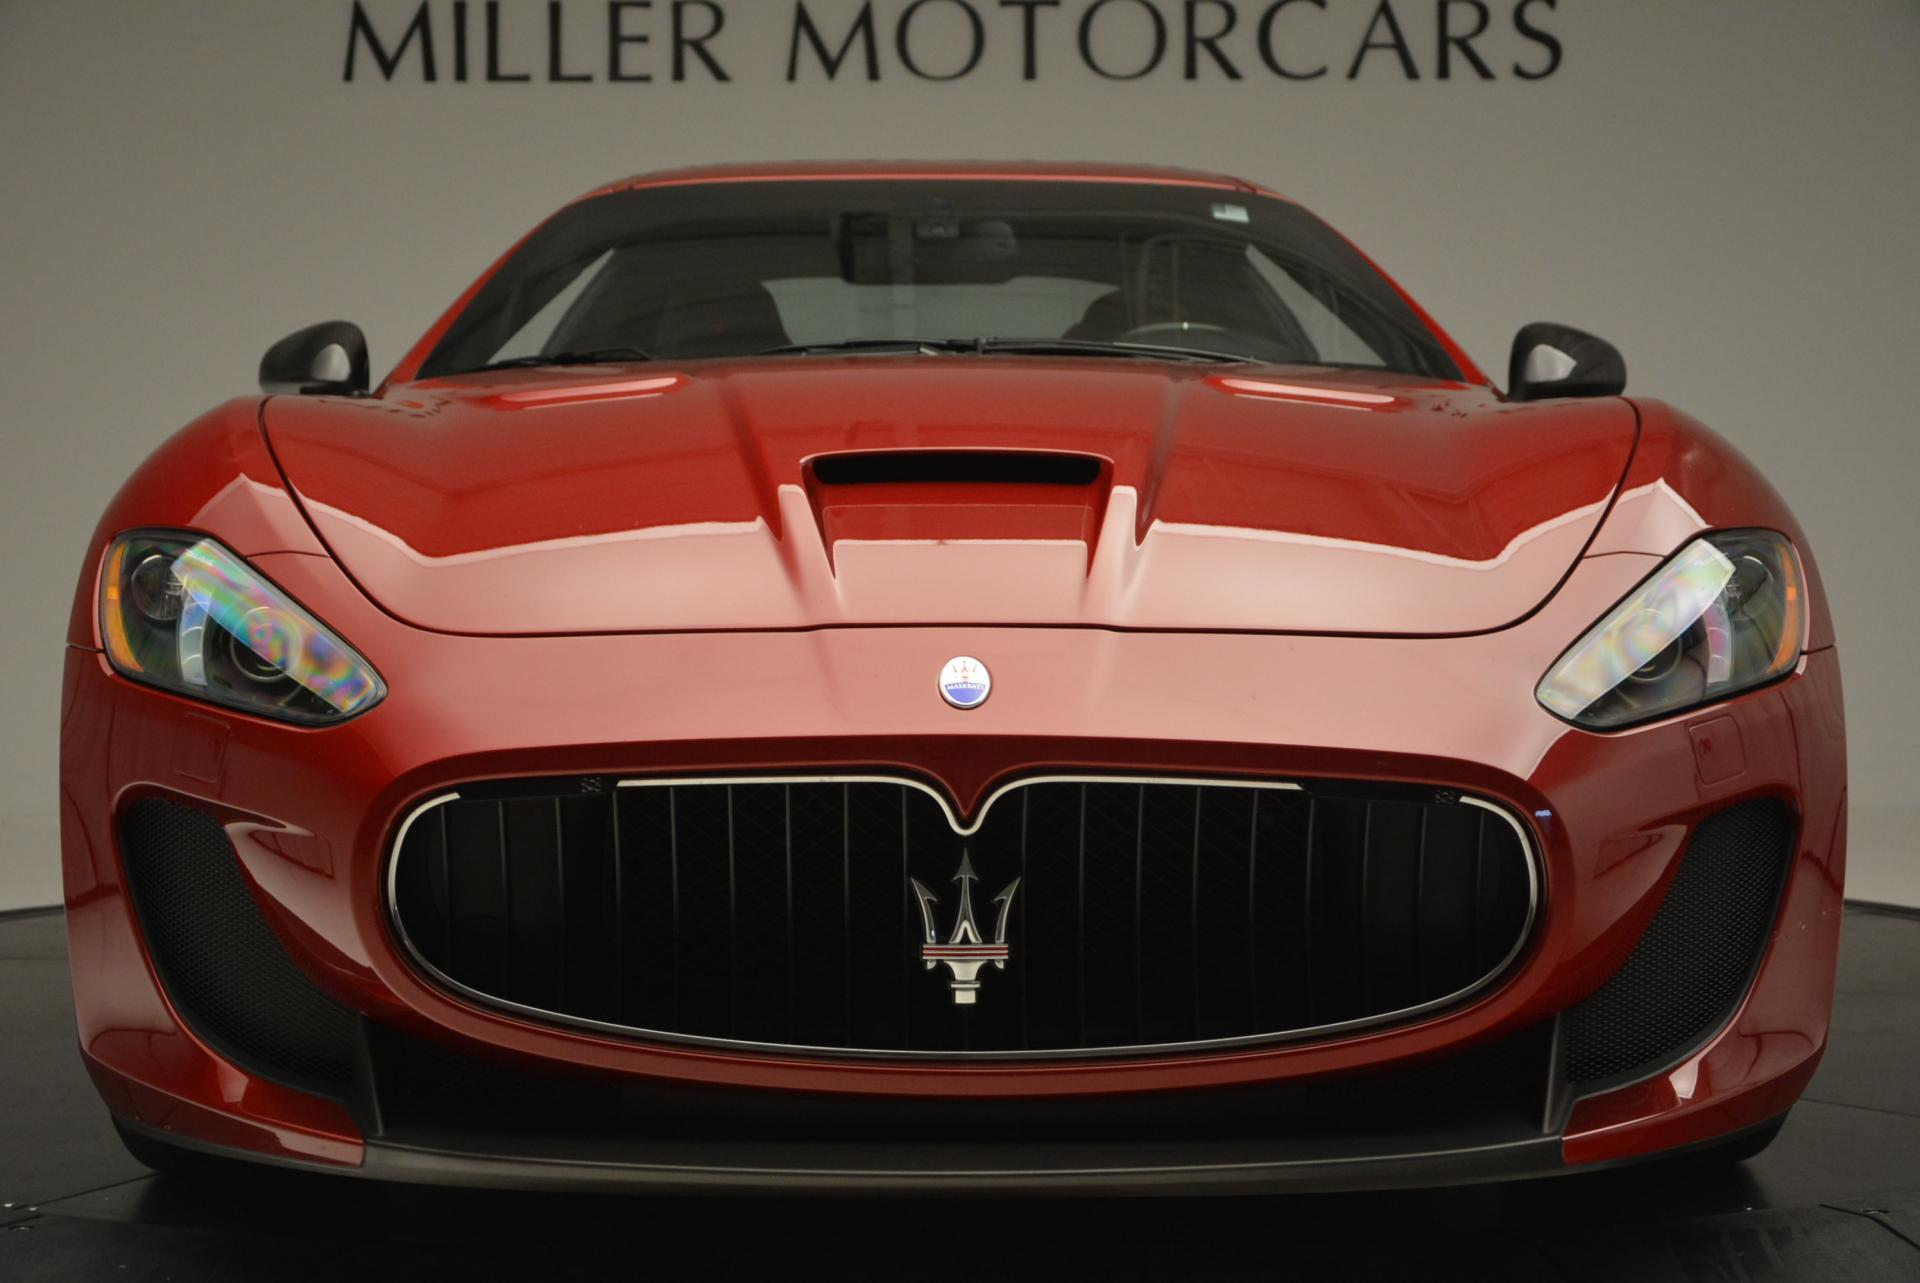 Used 2014 Maserati GranTurismo MC For Sale In Greenwich, CT 525_p13